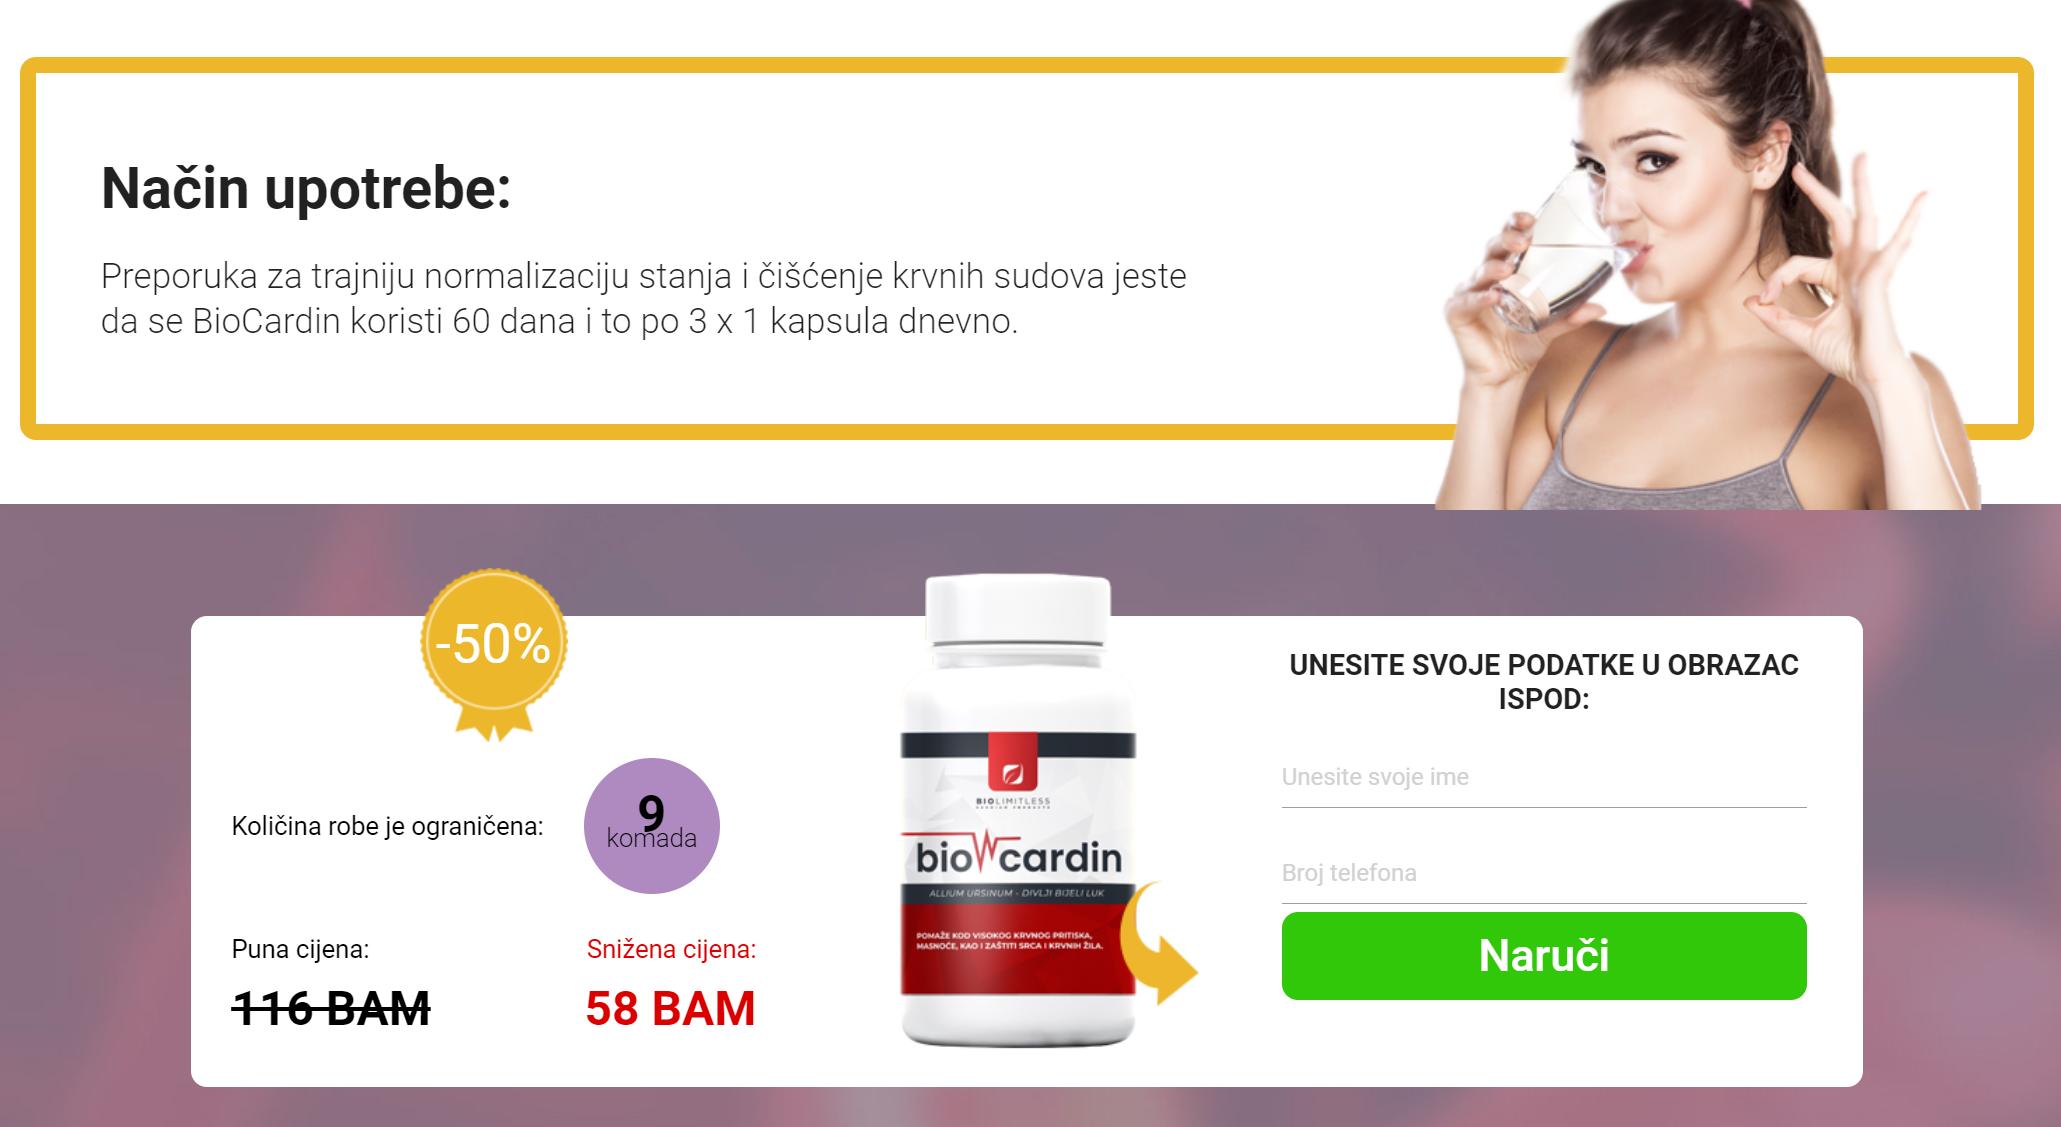 BioCardin212